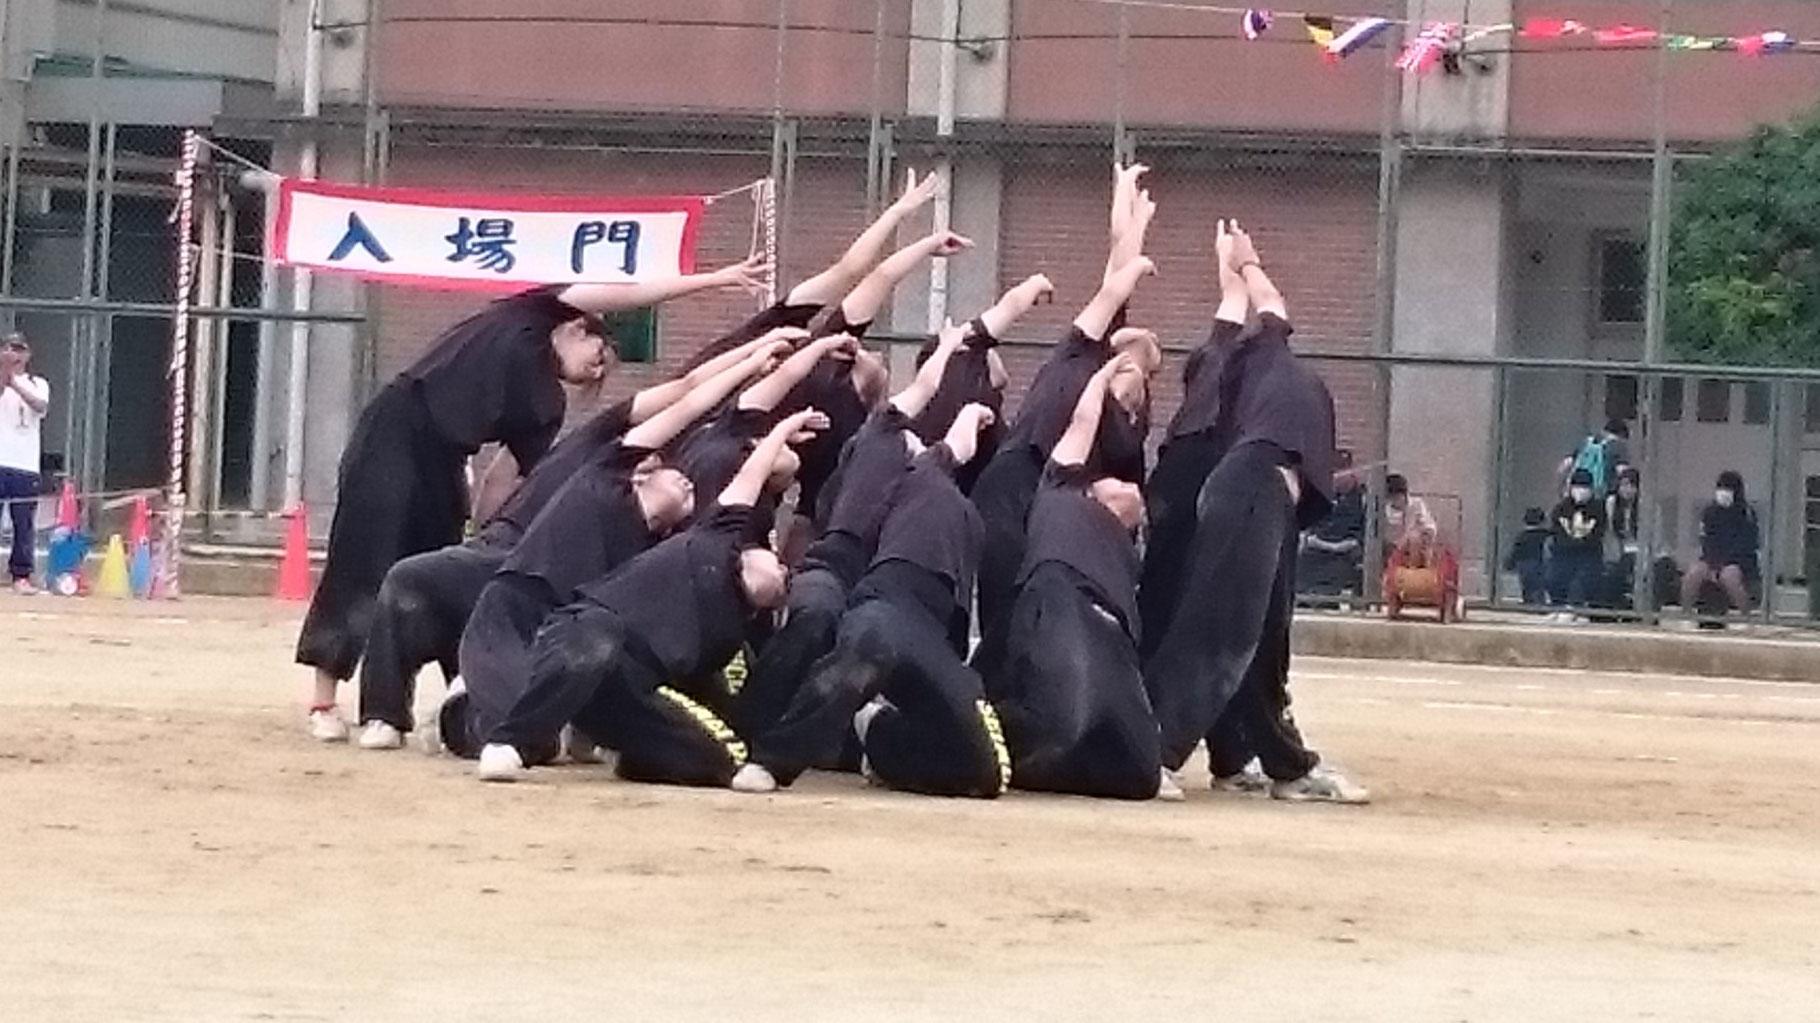 清明学院高等学校 ダンス部